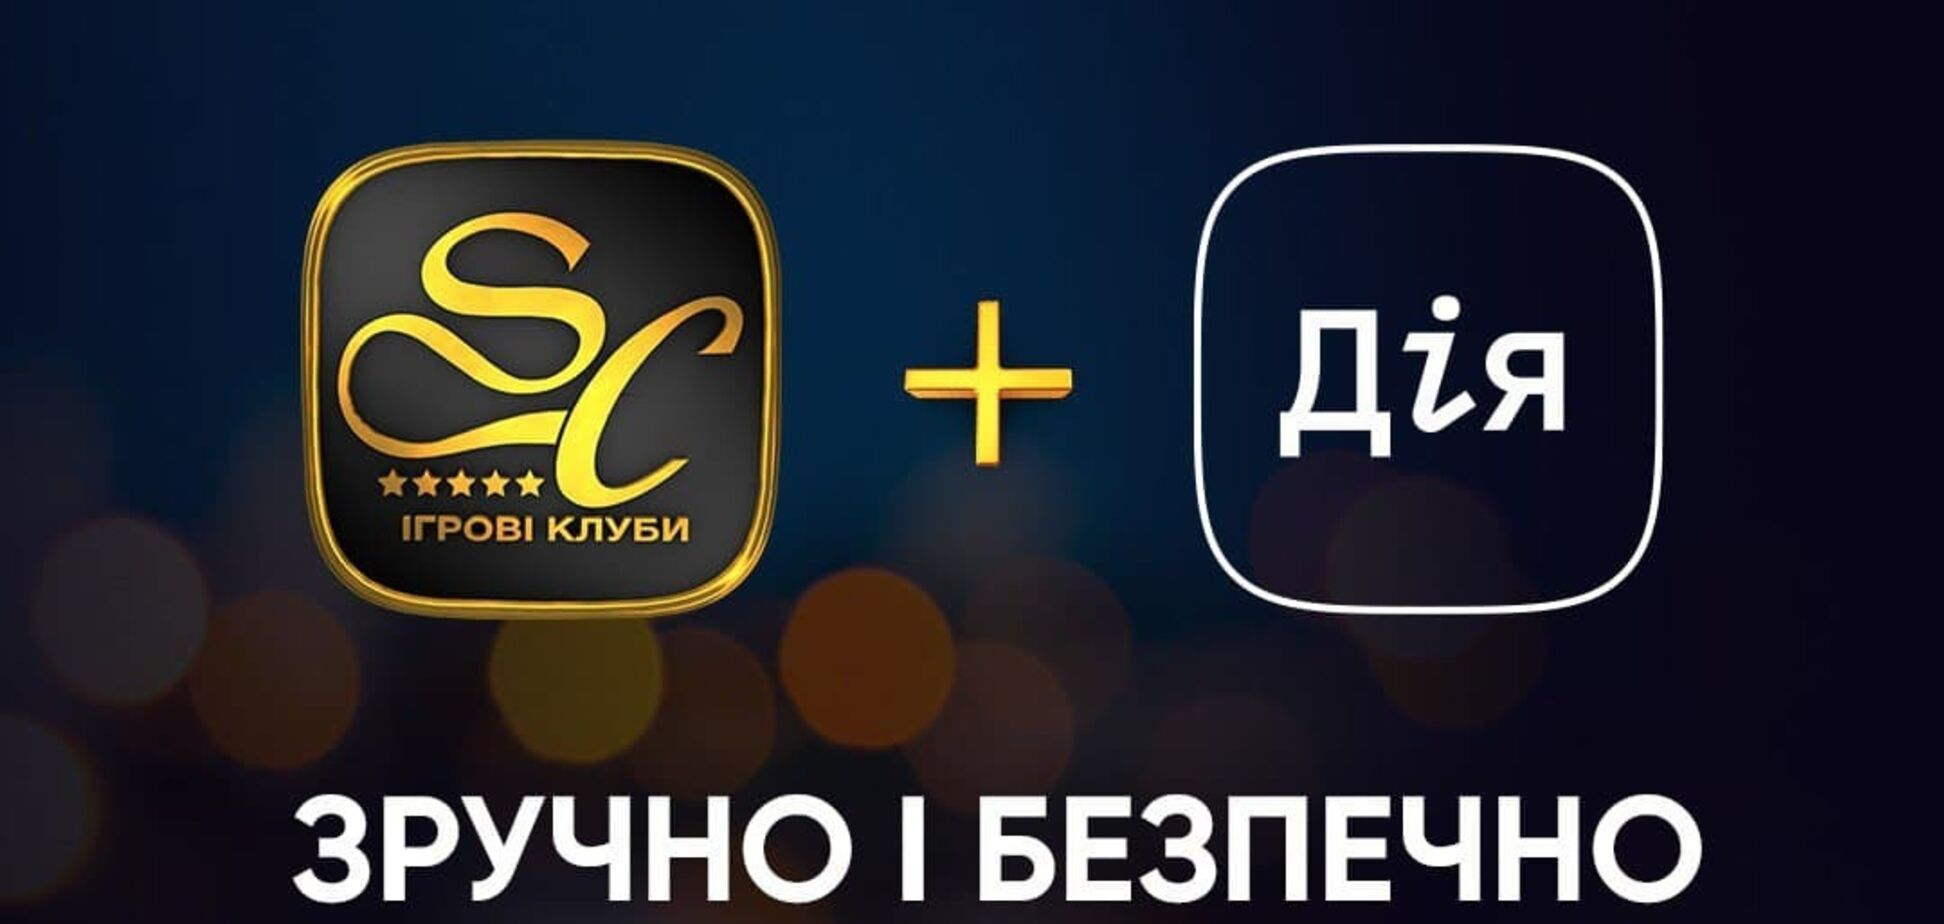 Онлайн-казино SlotsCity.ua запровадило авторизацію гравців за допомогою застосунку 'Дія'